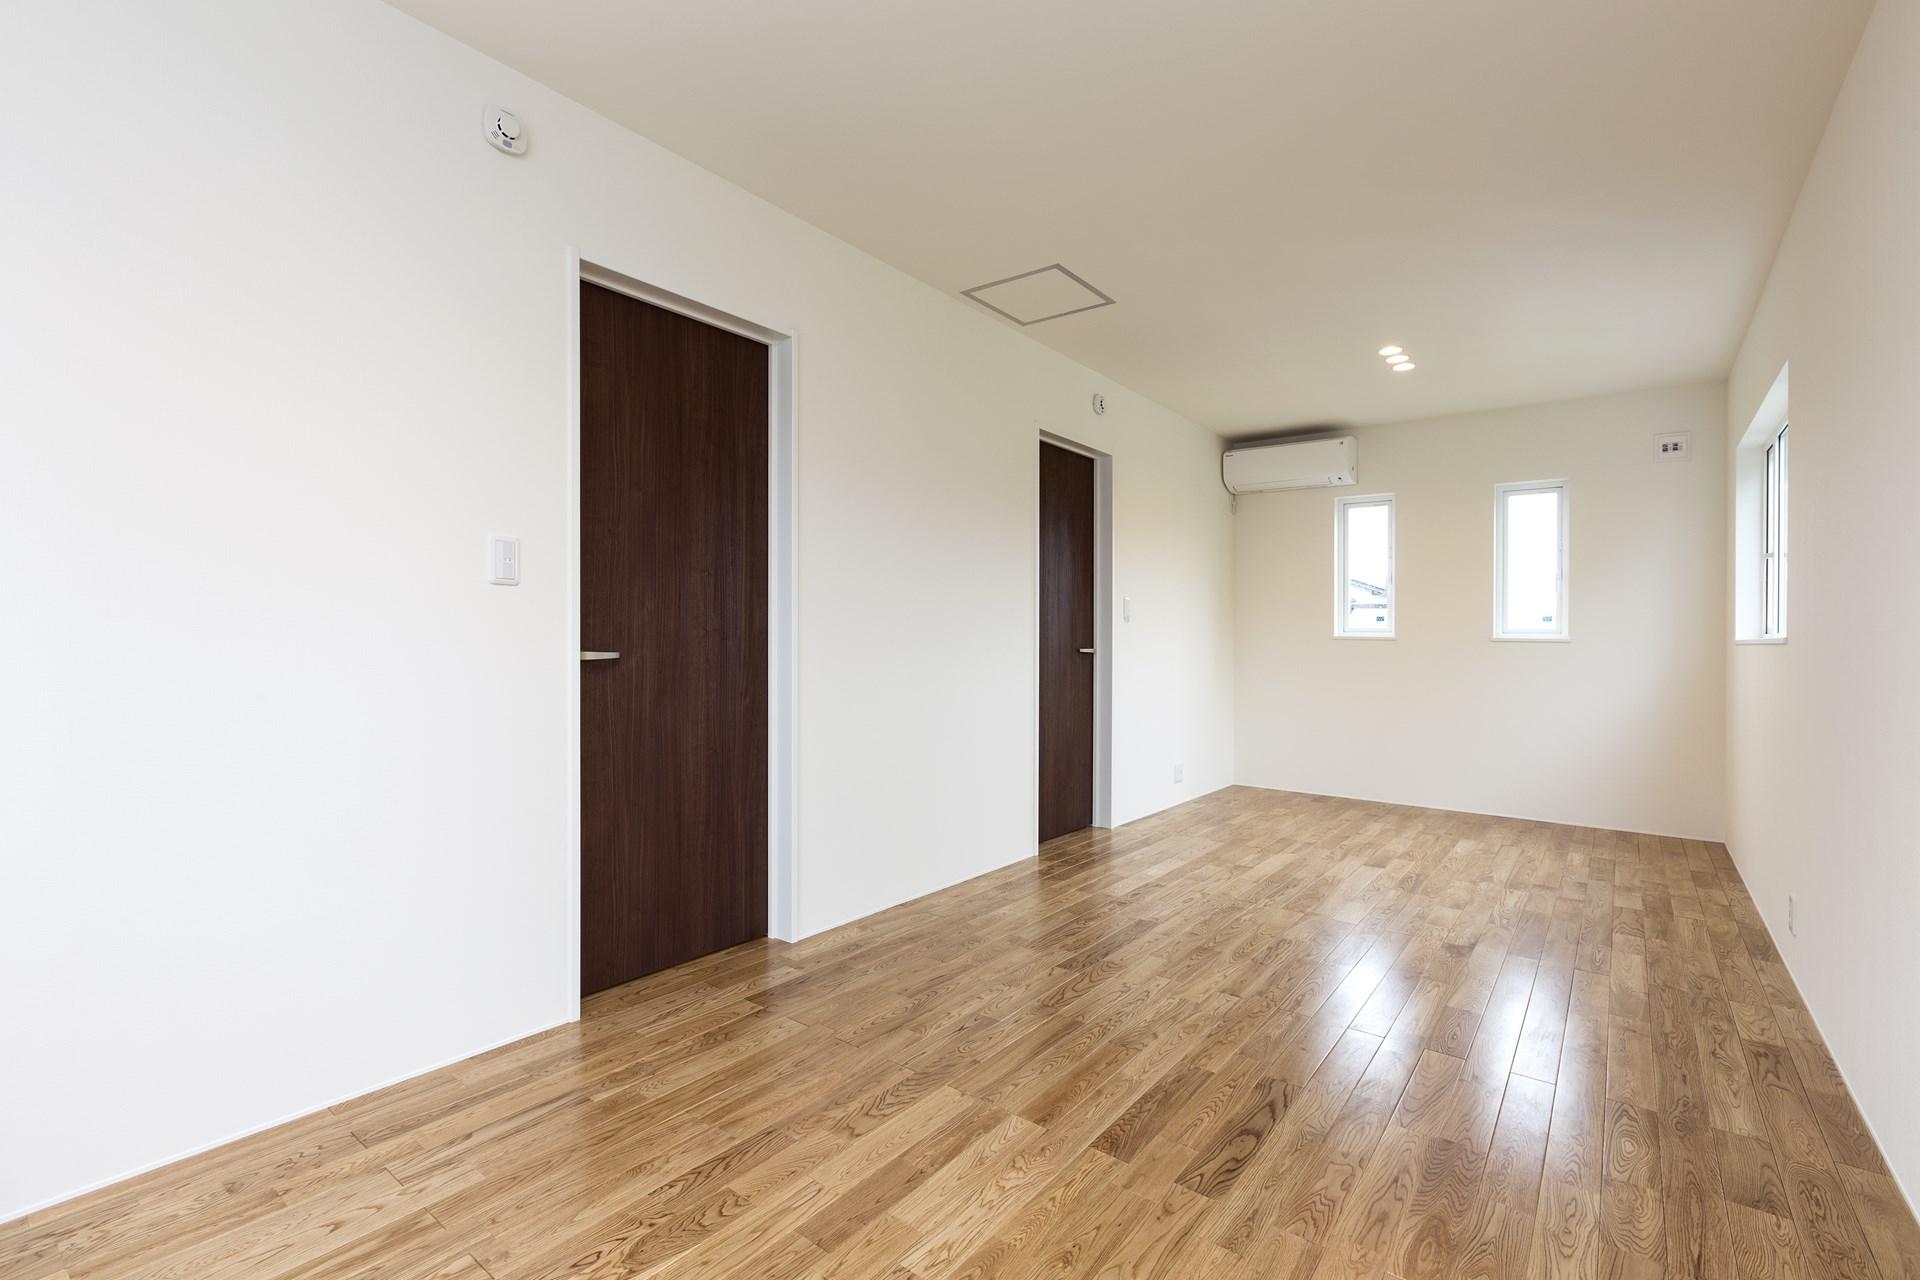 つくば市の桜の見える新築一戸建ての寝室